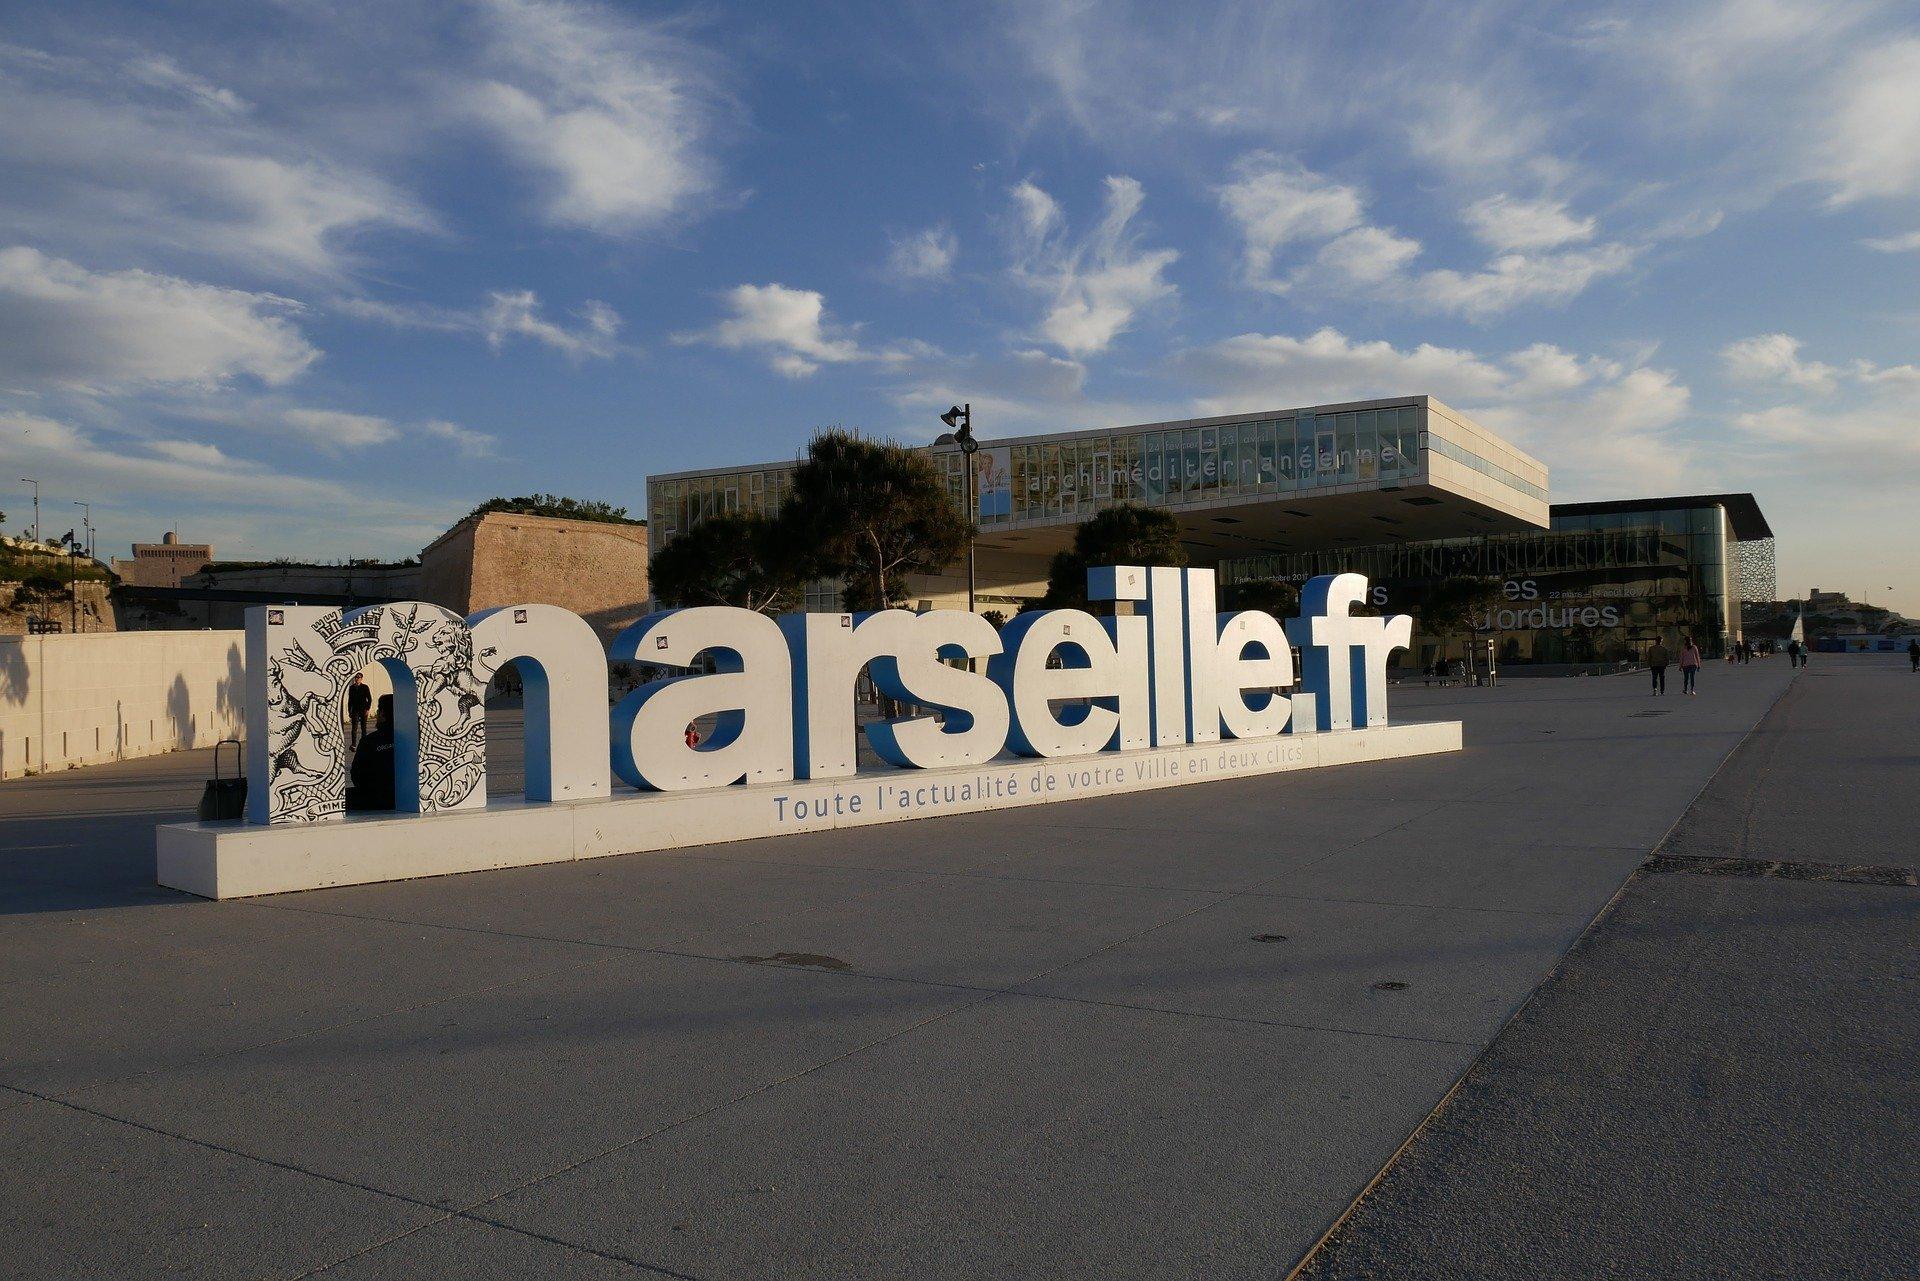 Marseille en Grand : le plan d'Emmanuel Macron pour développer la ville